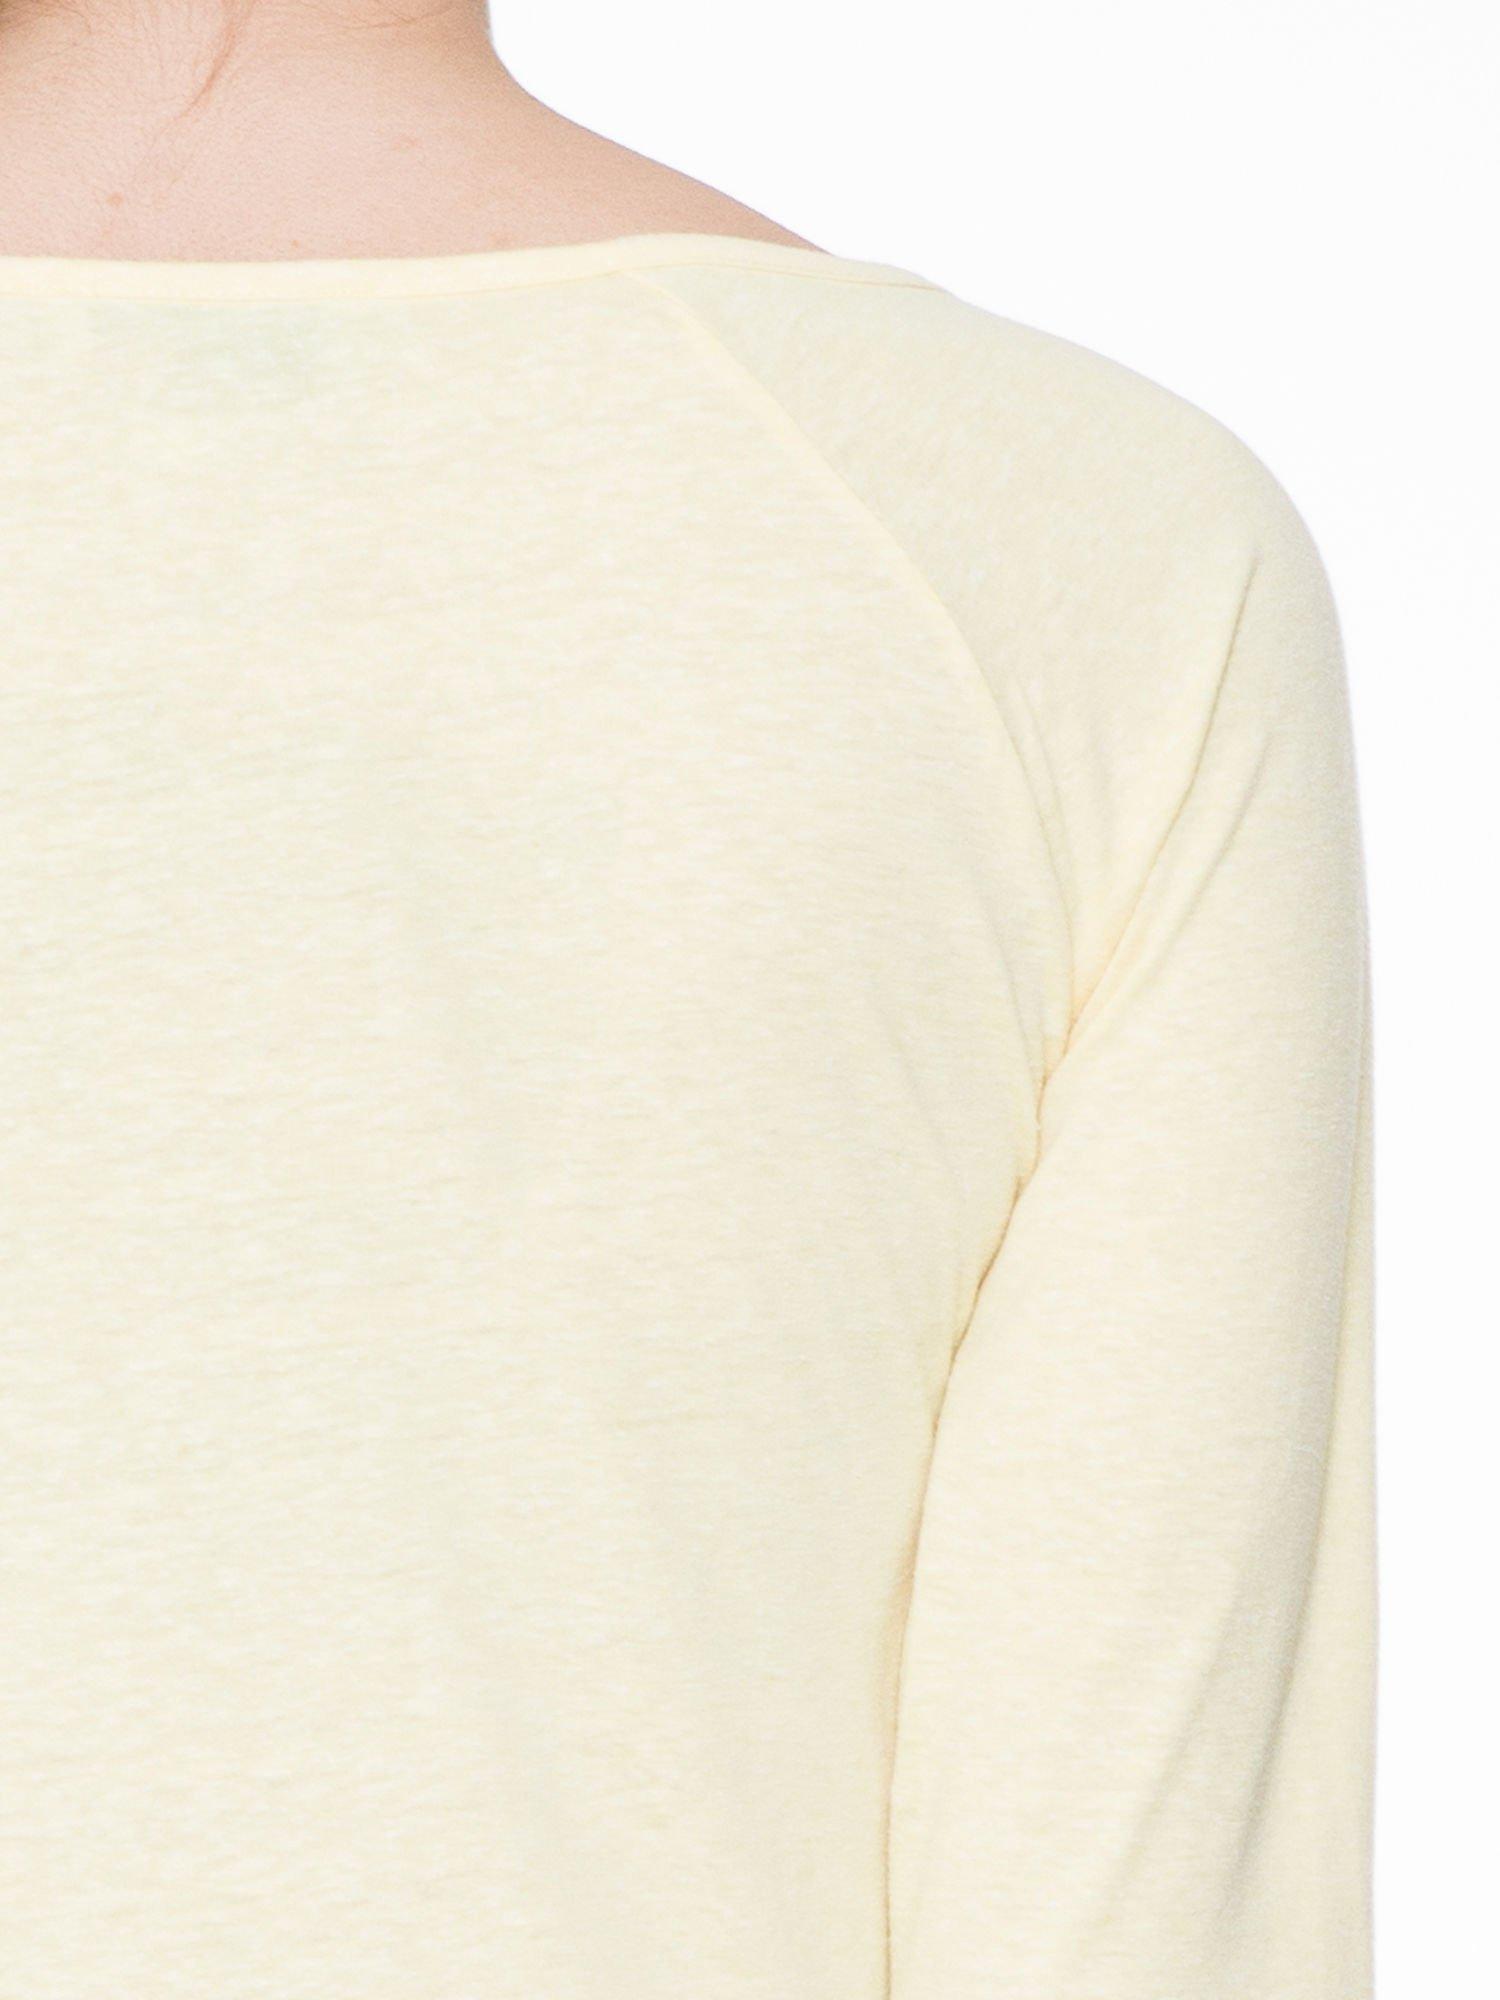 Żółta basicowa gładka bluzka z rękawem 7/8                                  zdj.                                  5